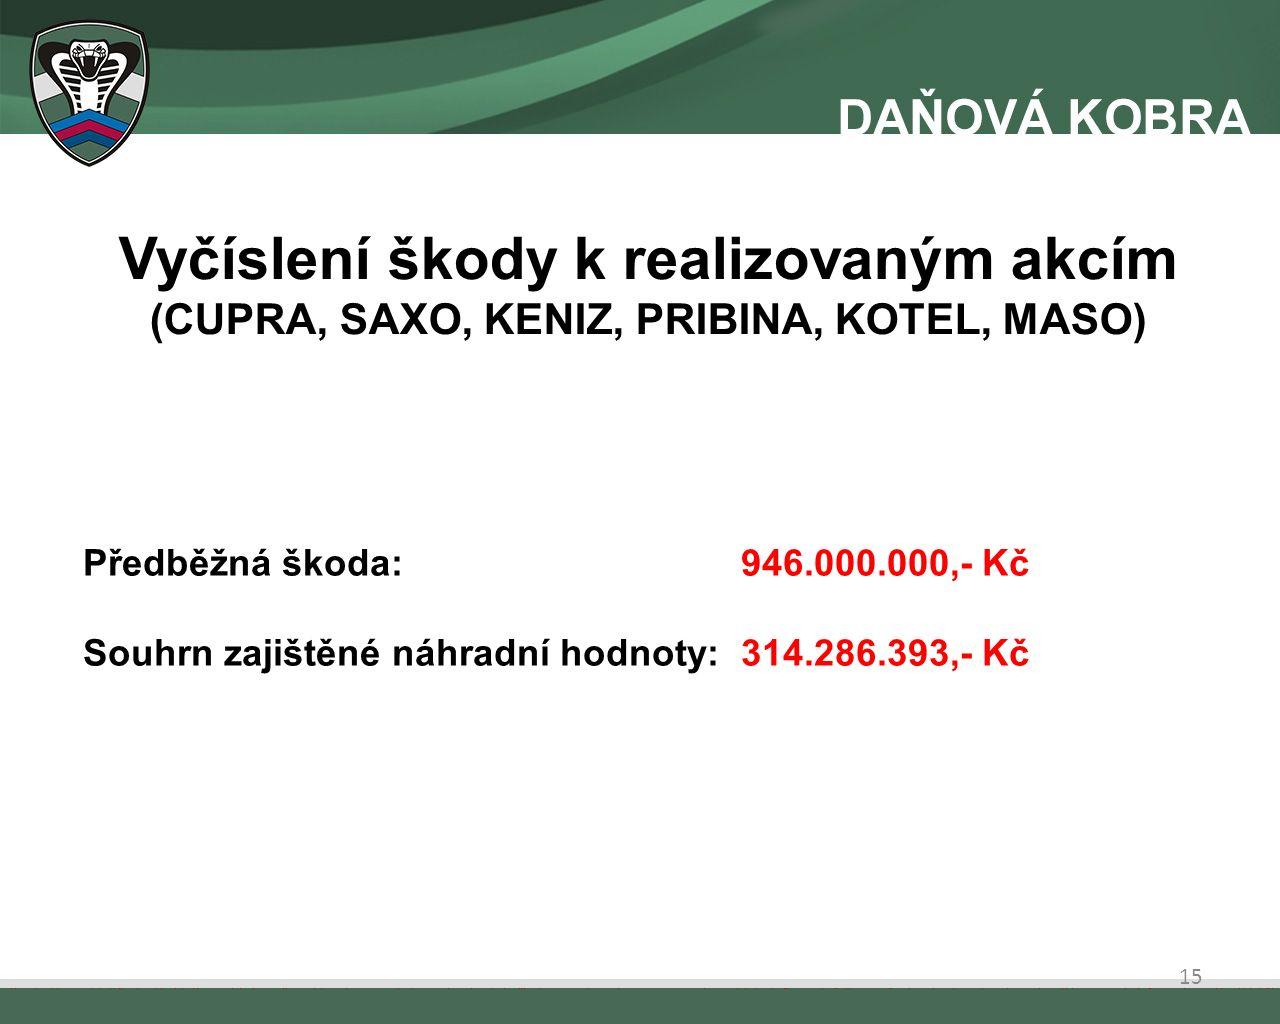 Vyčíslení škody k realizovaným akcím (CUPRA, SAXO, KENIZ, PRIBINA, KOTEL, MASO) Předběžná škoda: 946.000.000,- Kč Souhrn zajištěné náhradní hodnoty: 314.286.393,- Kč 15